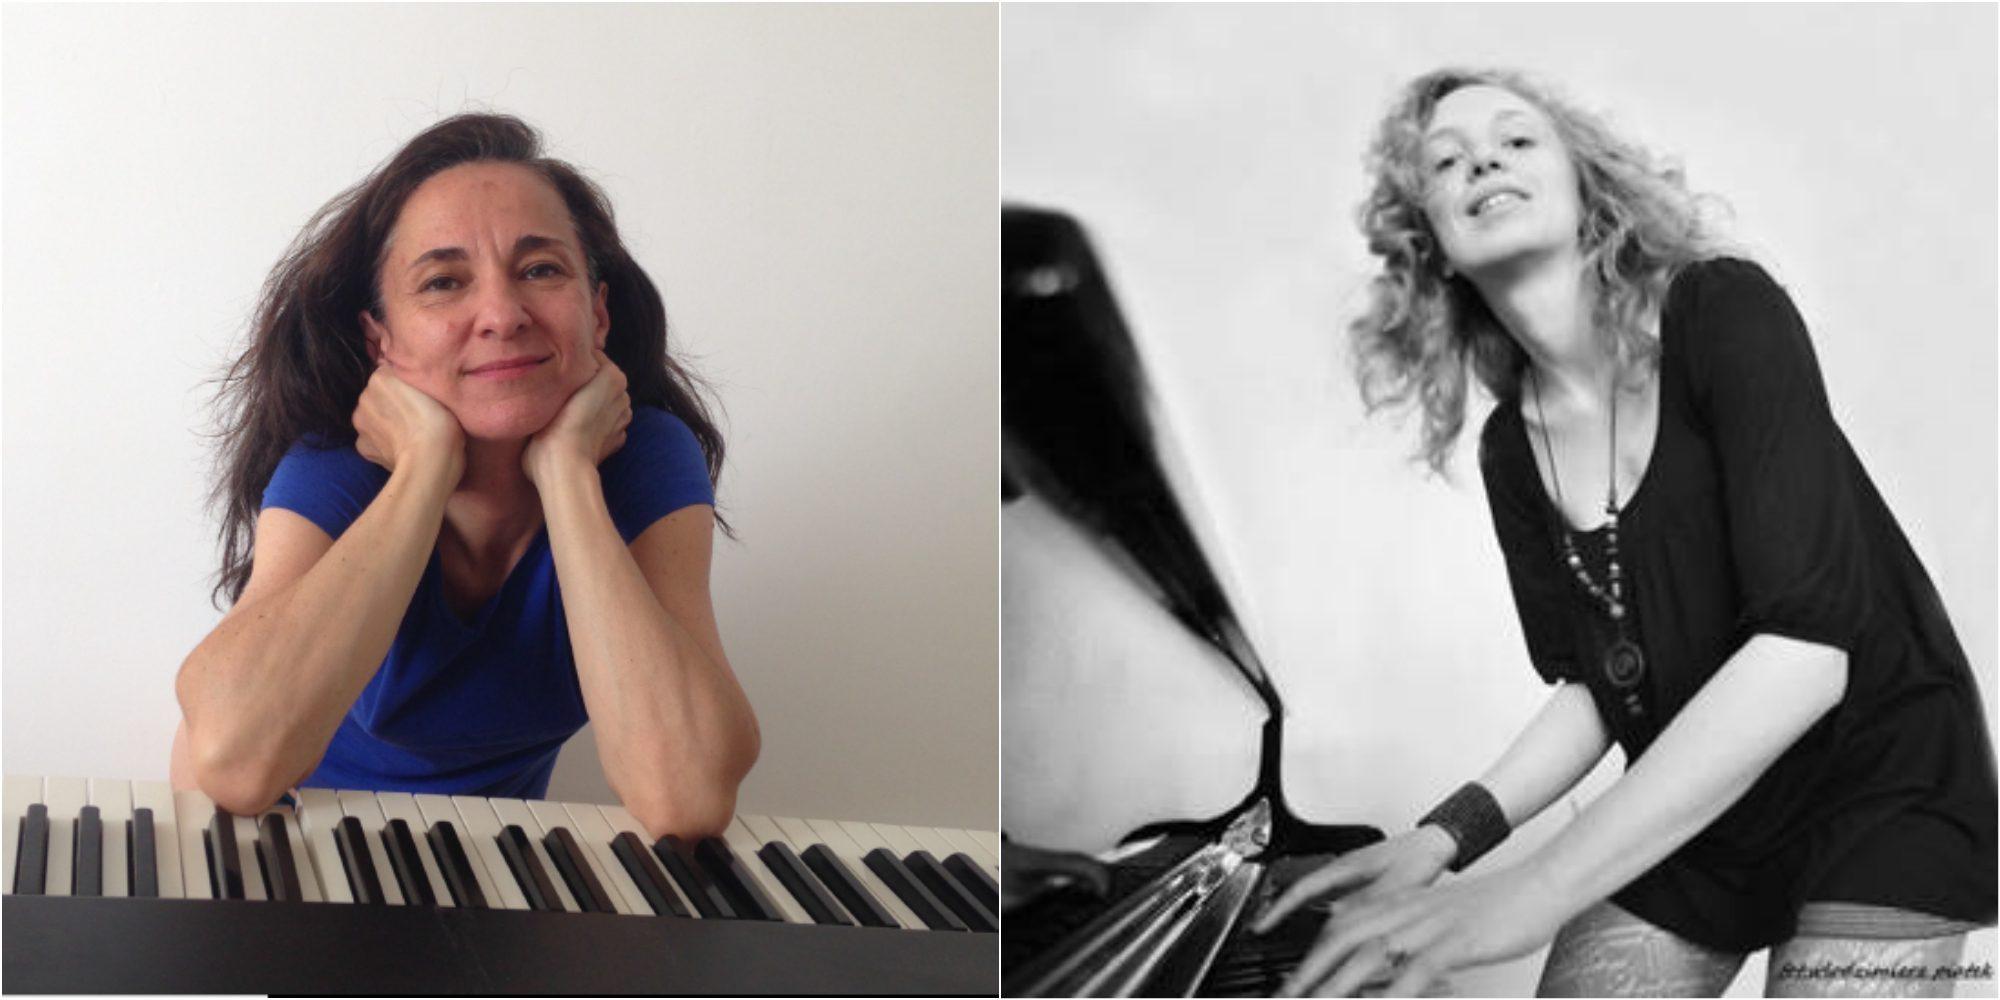 photos des pianistes a gauche paule cornet a droite liliana kostrzew de l academie de danse